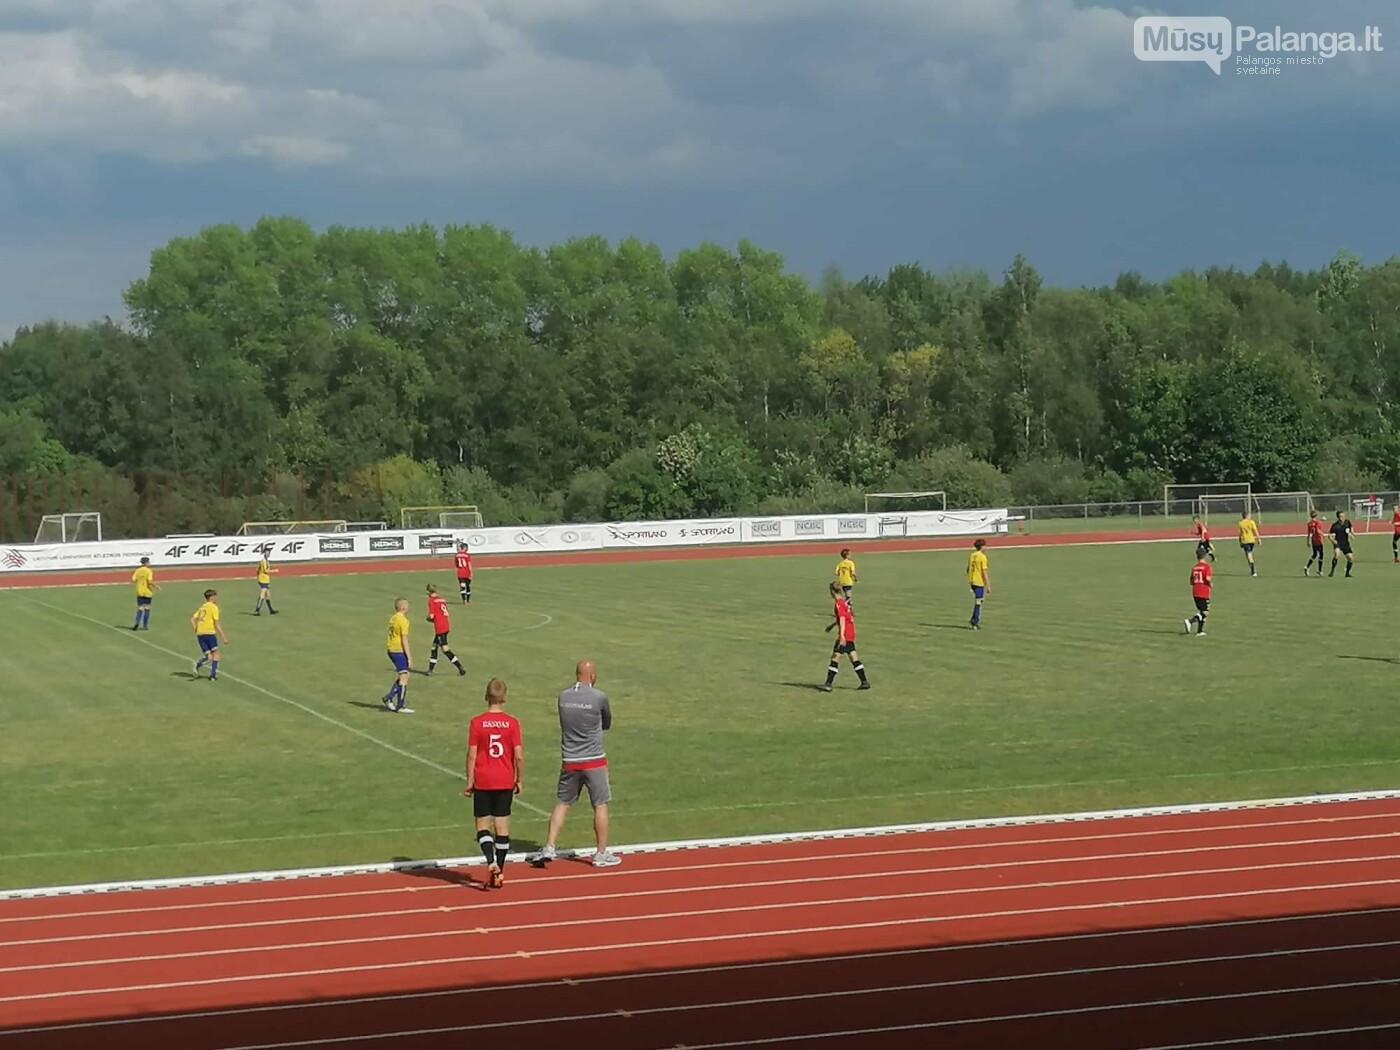 Įspūdingas Lietuvos jaunučių čempionato U-13 varžybos: Palanga įsūdė Plungei net 8 įvarčius , nuotrauka-4